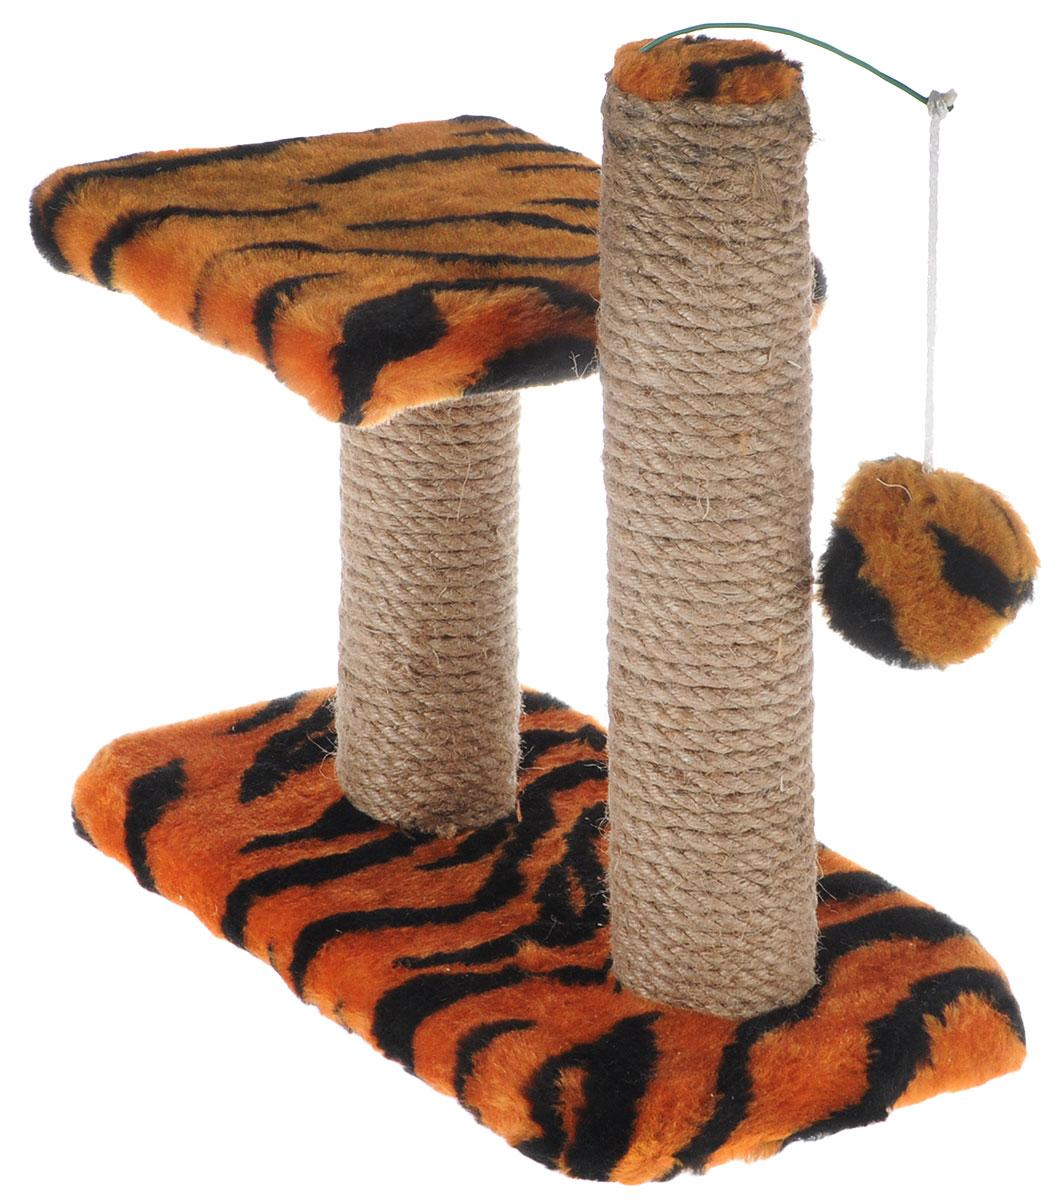 Когтеточка для котят Меридиан, двойная, цвет в ассортименте, 30 х 20 х 34 см когтеточка для котят меридиан цветы двойная цвет белый светло коричневый 30 х 20 х 34 см